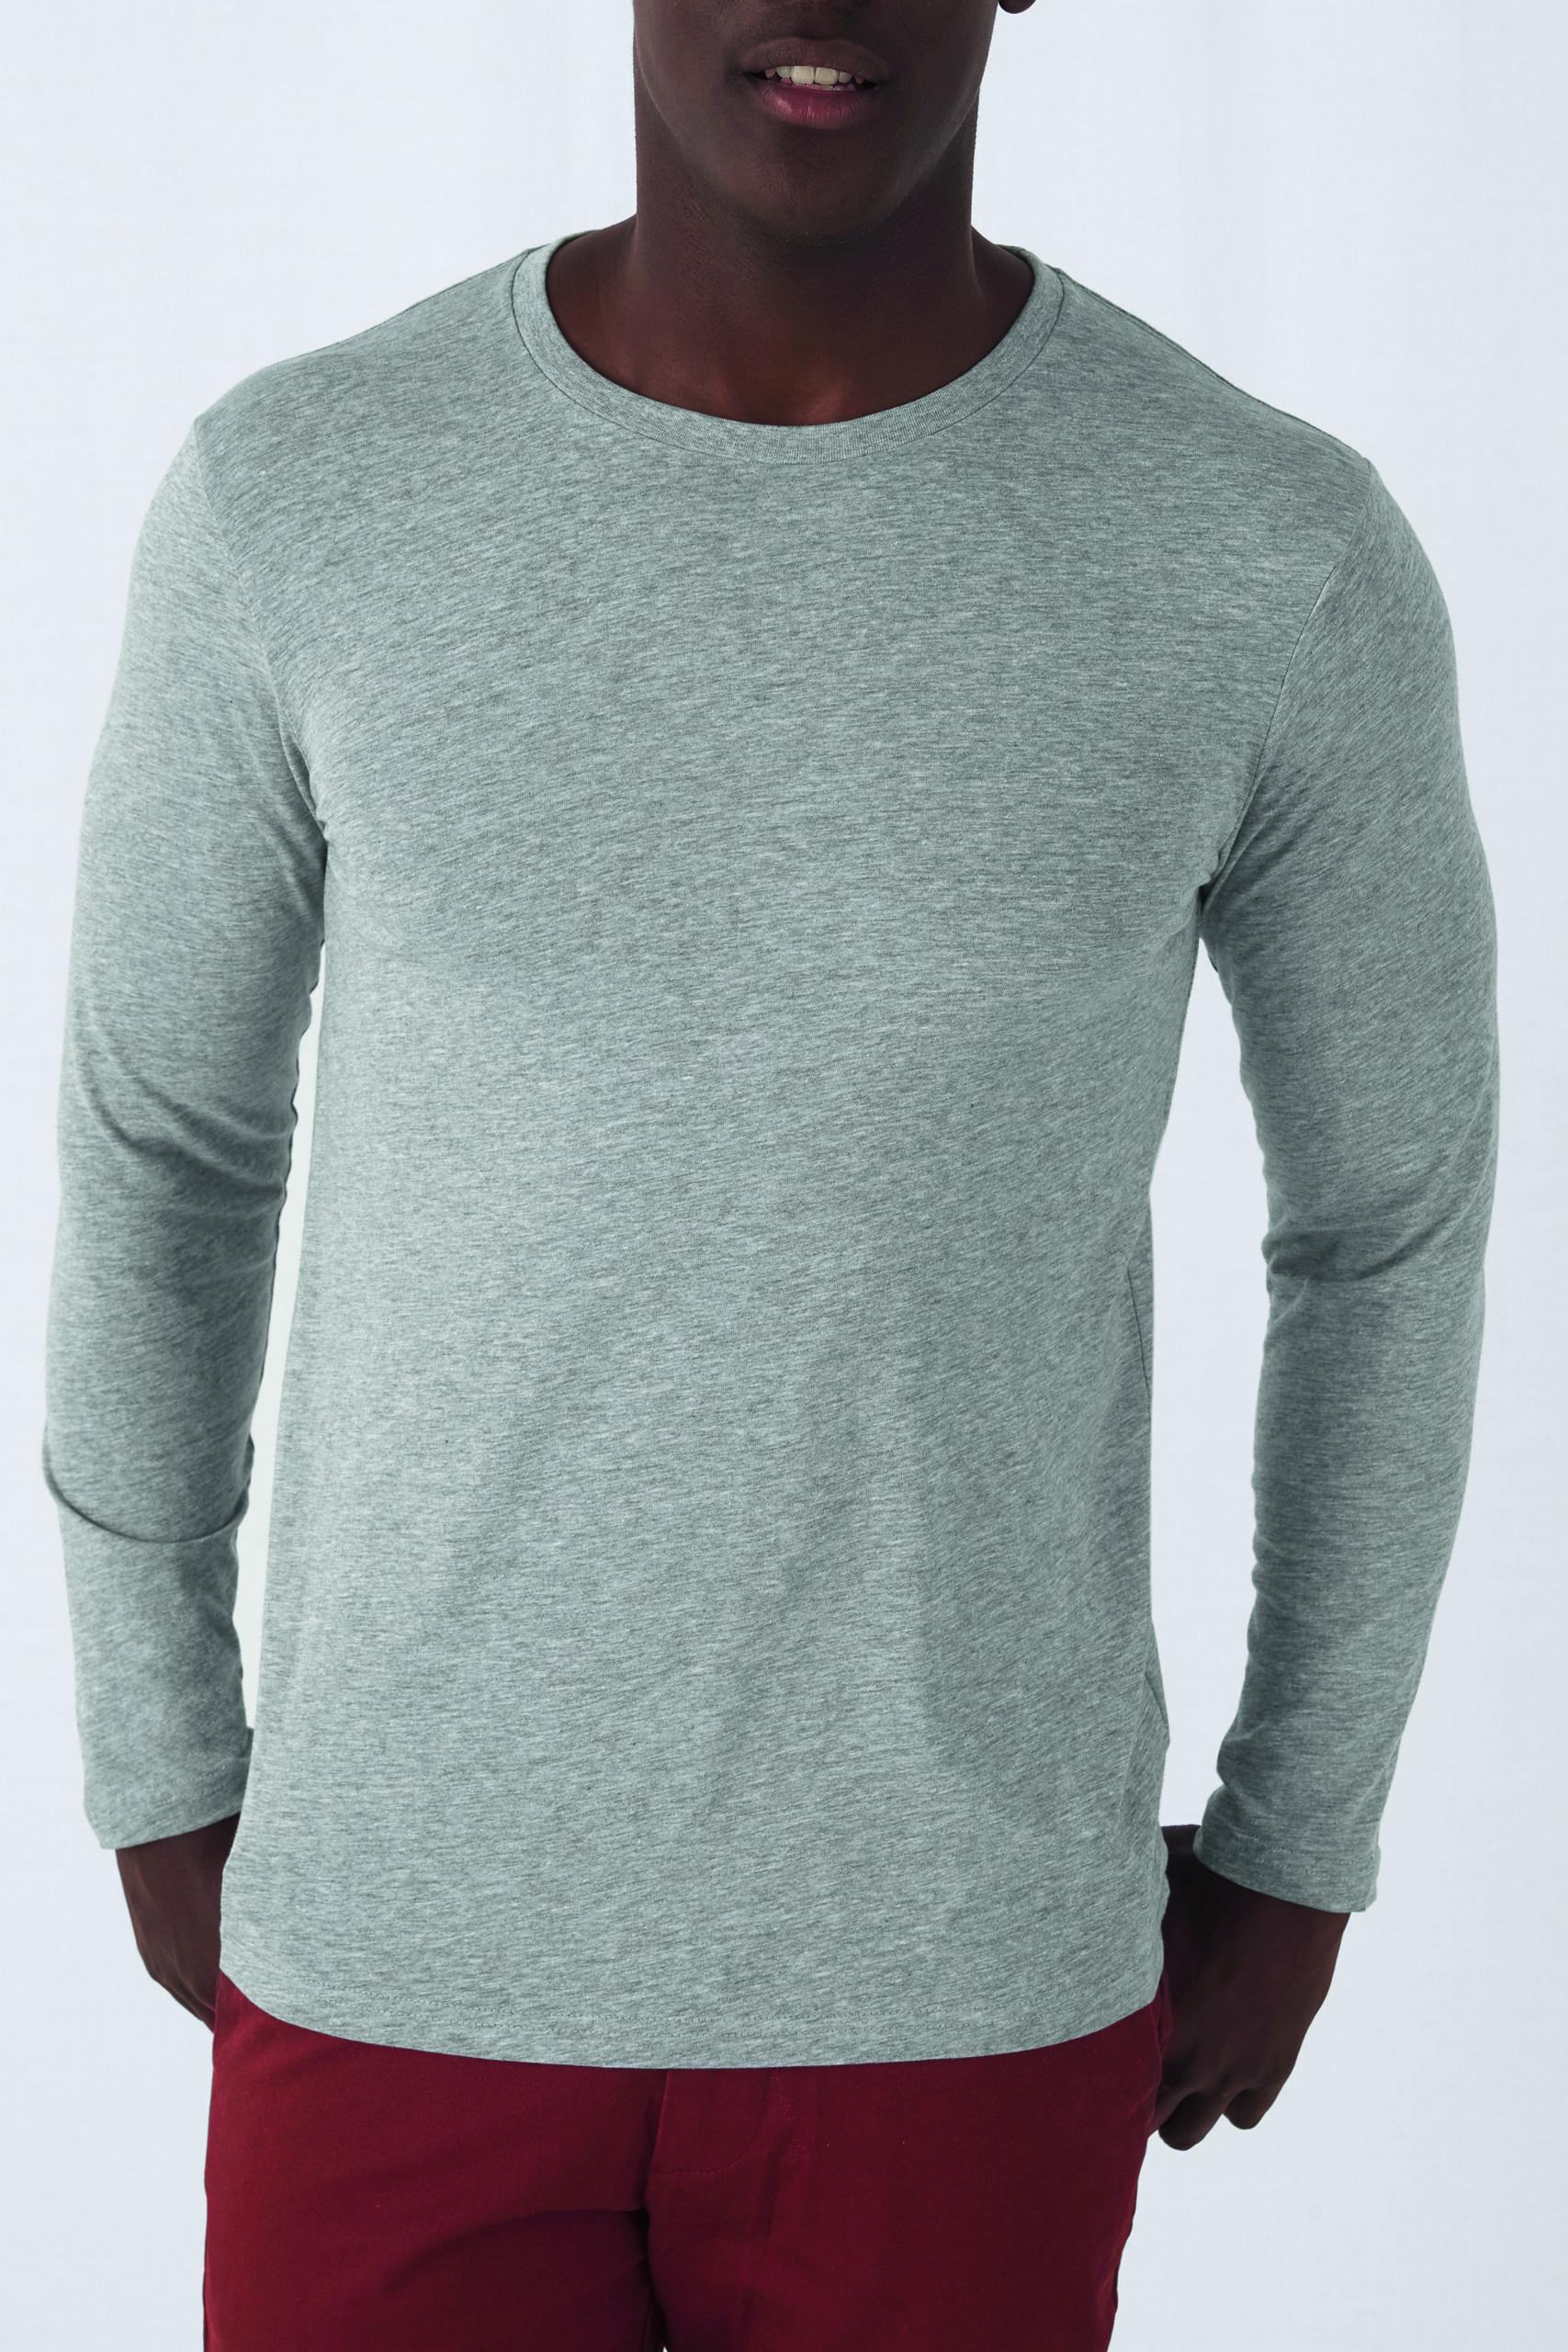 Økologisk, Fair Wear Og Oekotex T-shirt Med Lange ærmer Til Mænd I En 140g/m2 Kvalitet [ BCTM070]